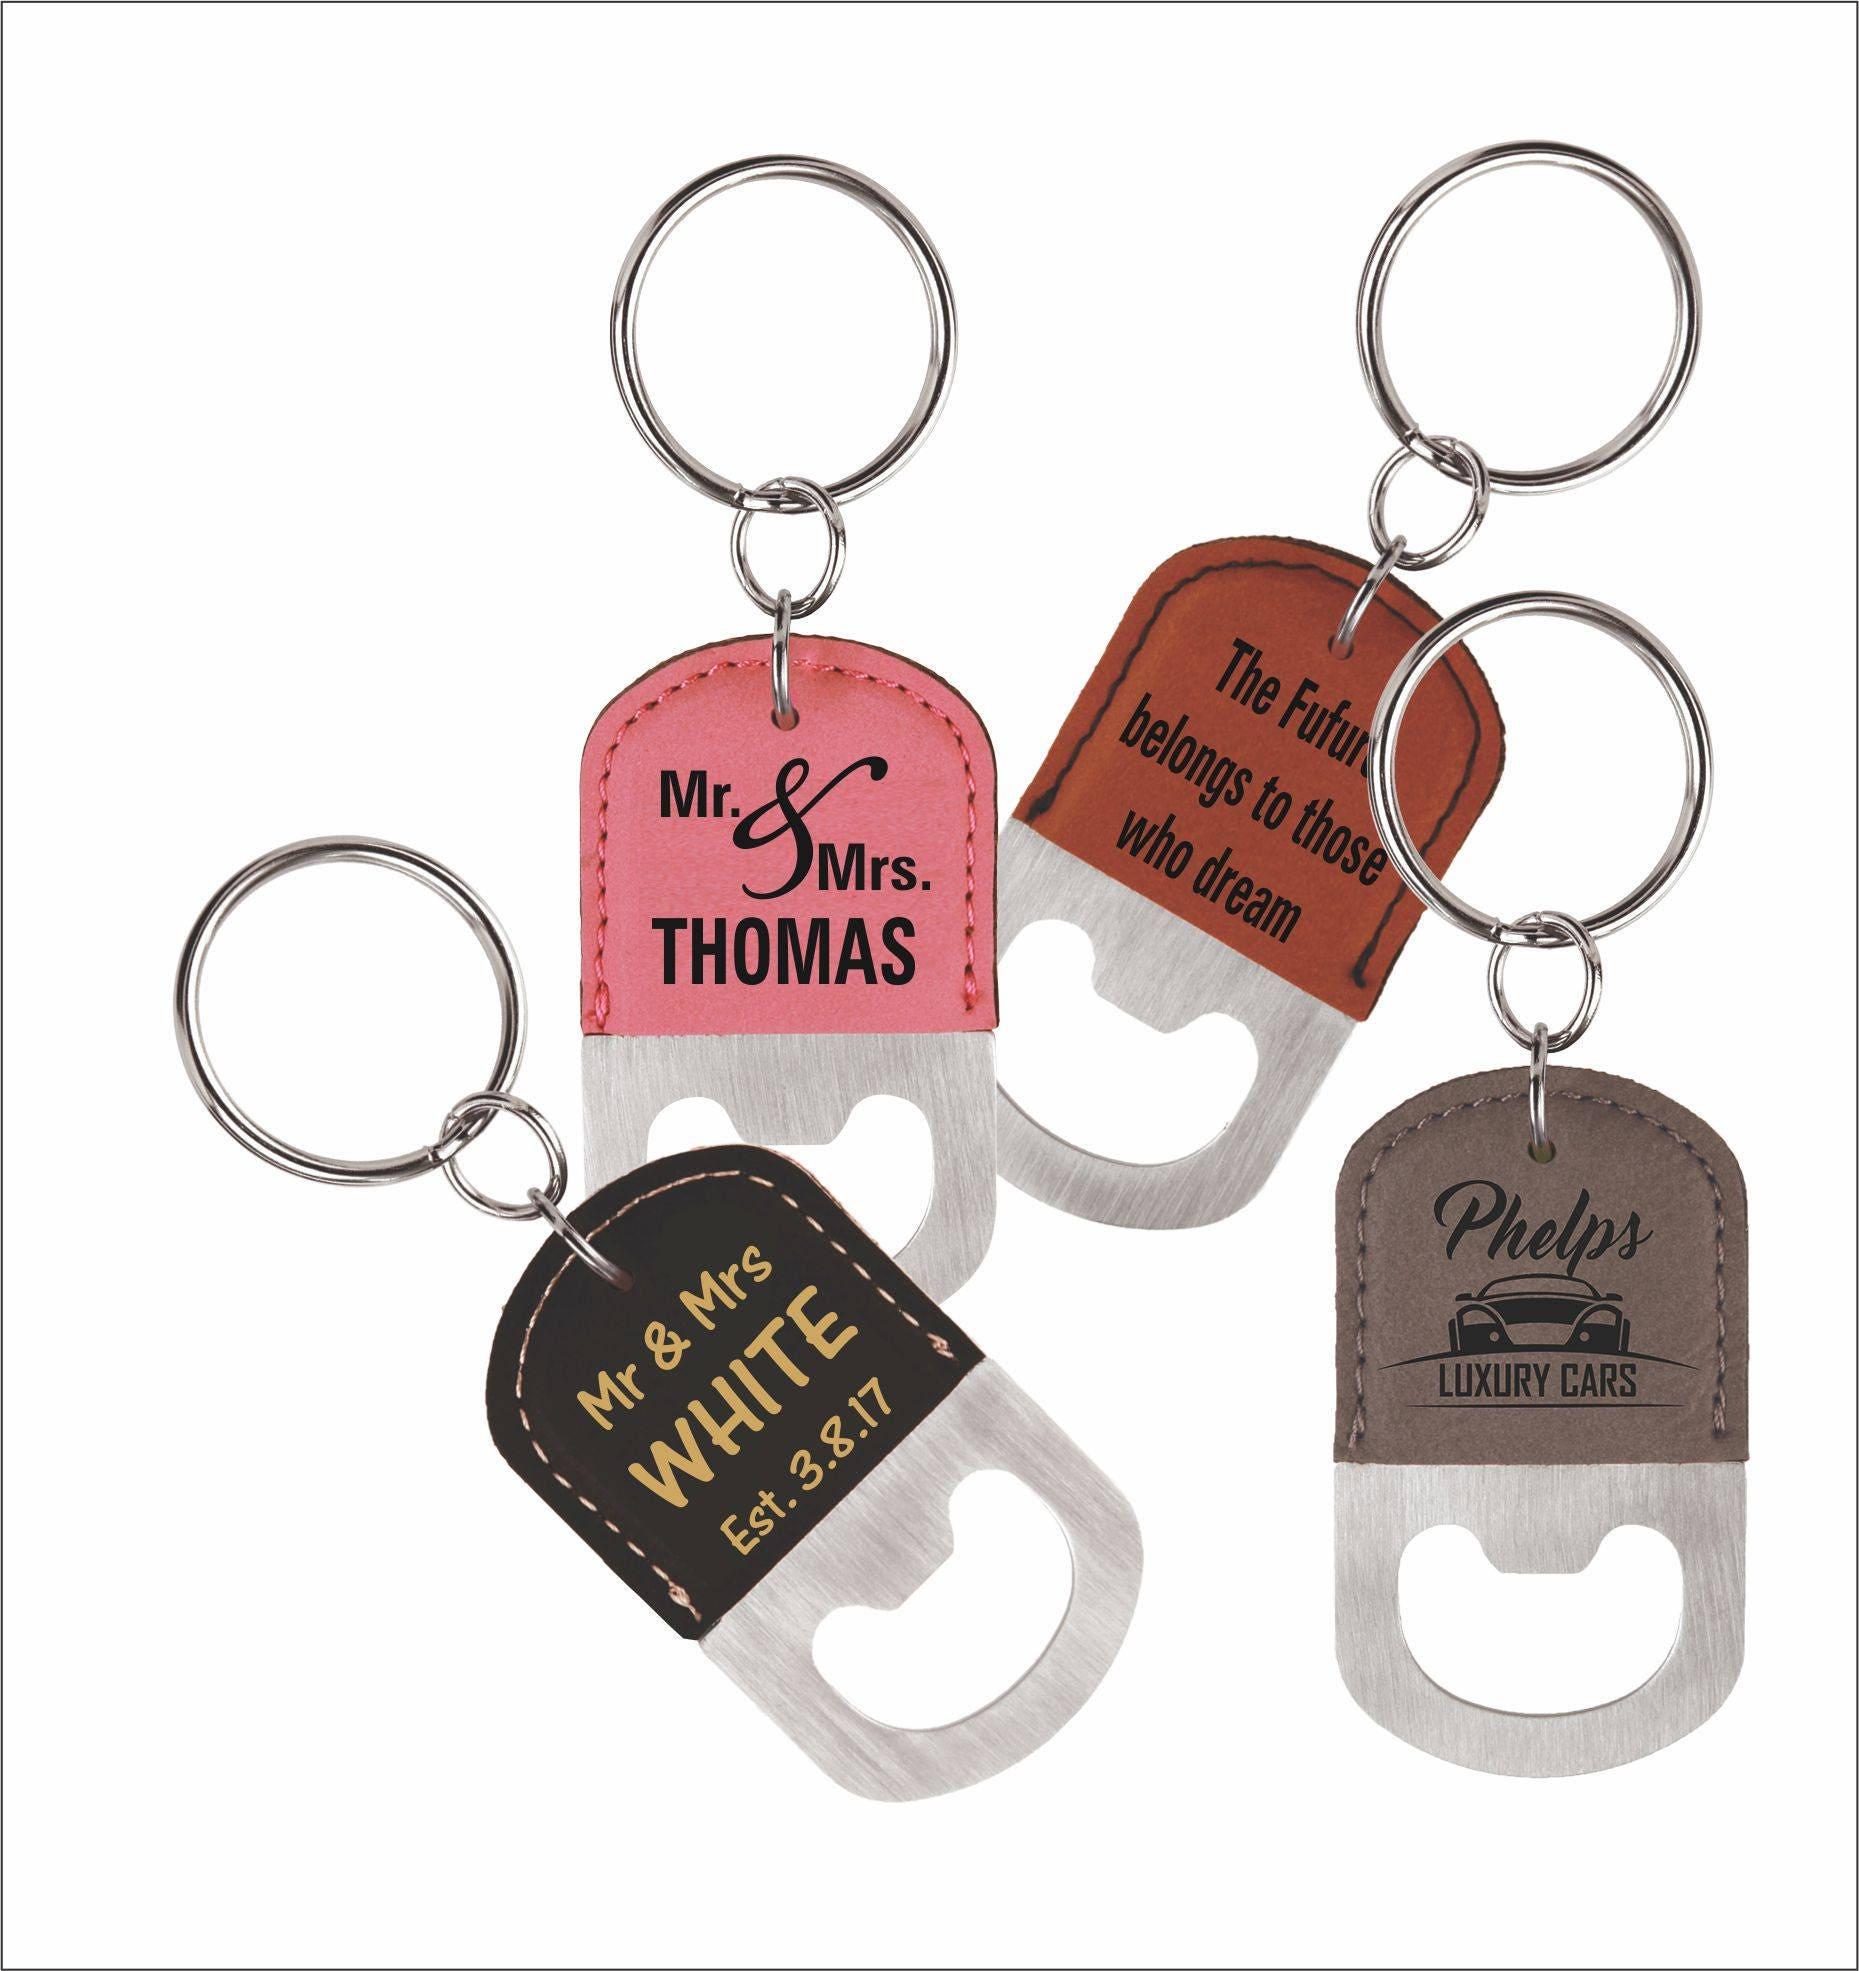 4 (FOUR) GROOMSMEN Custom Bottle Opener Keychains, 4-Set Keyrings ...